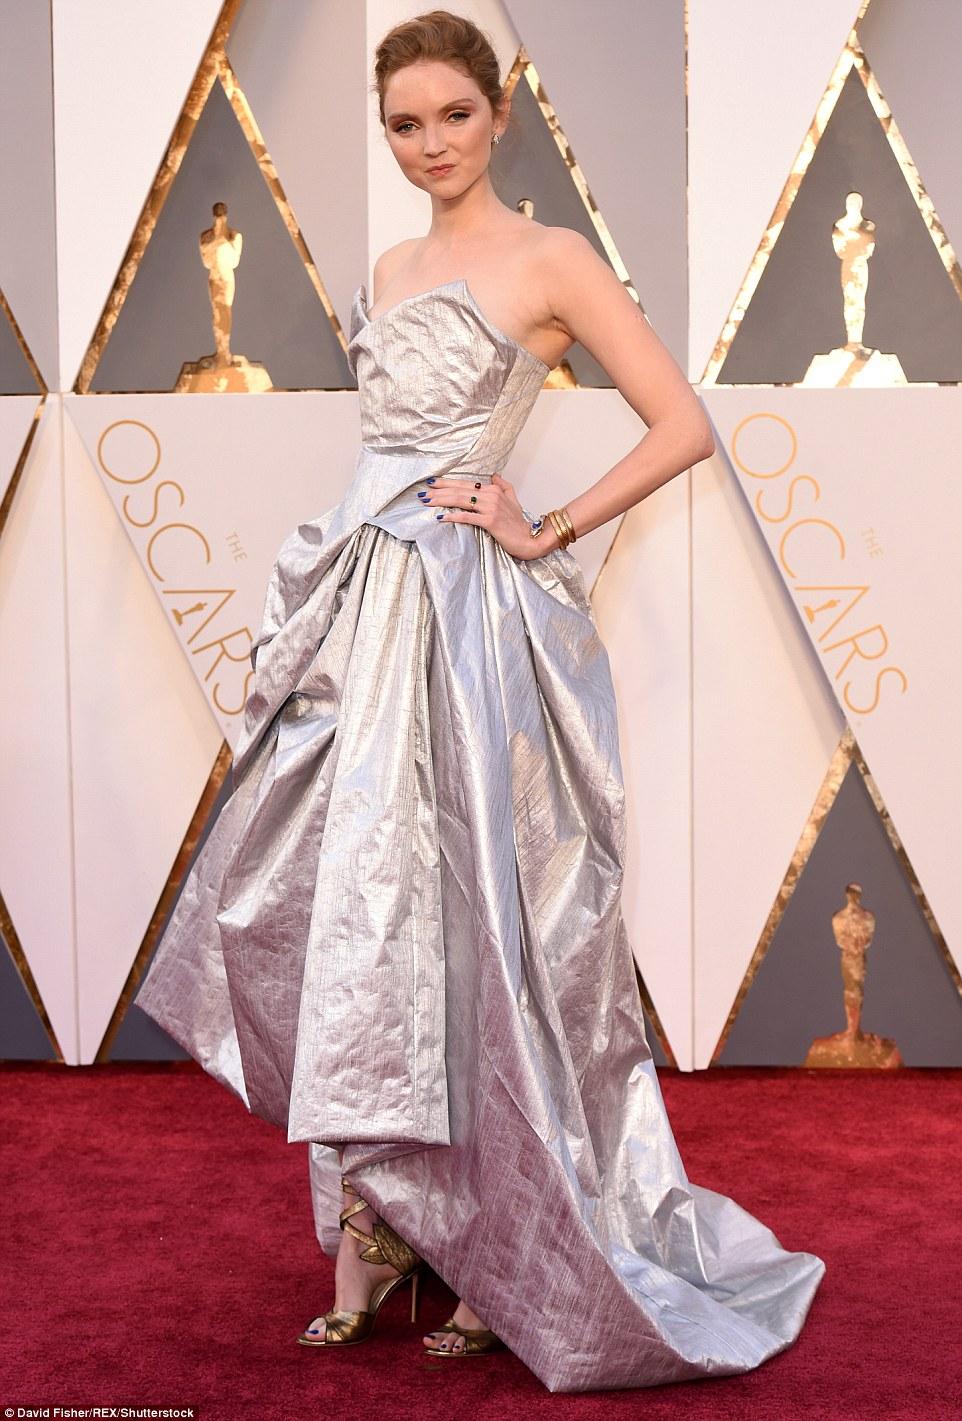 Модель Лили Коул кажется одела платье из фольги